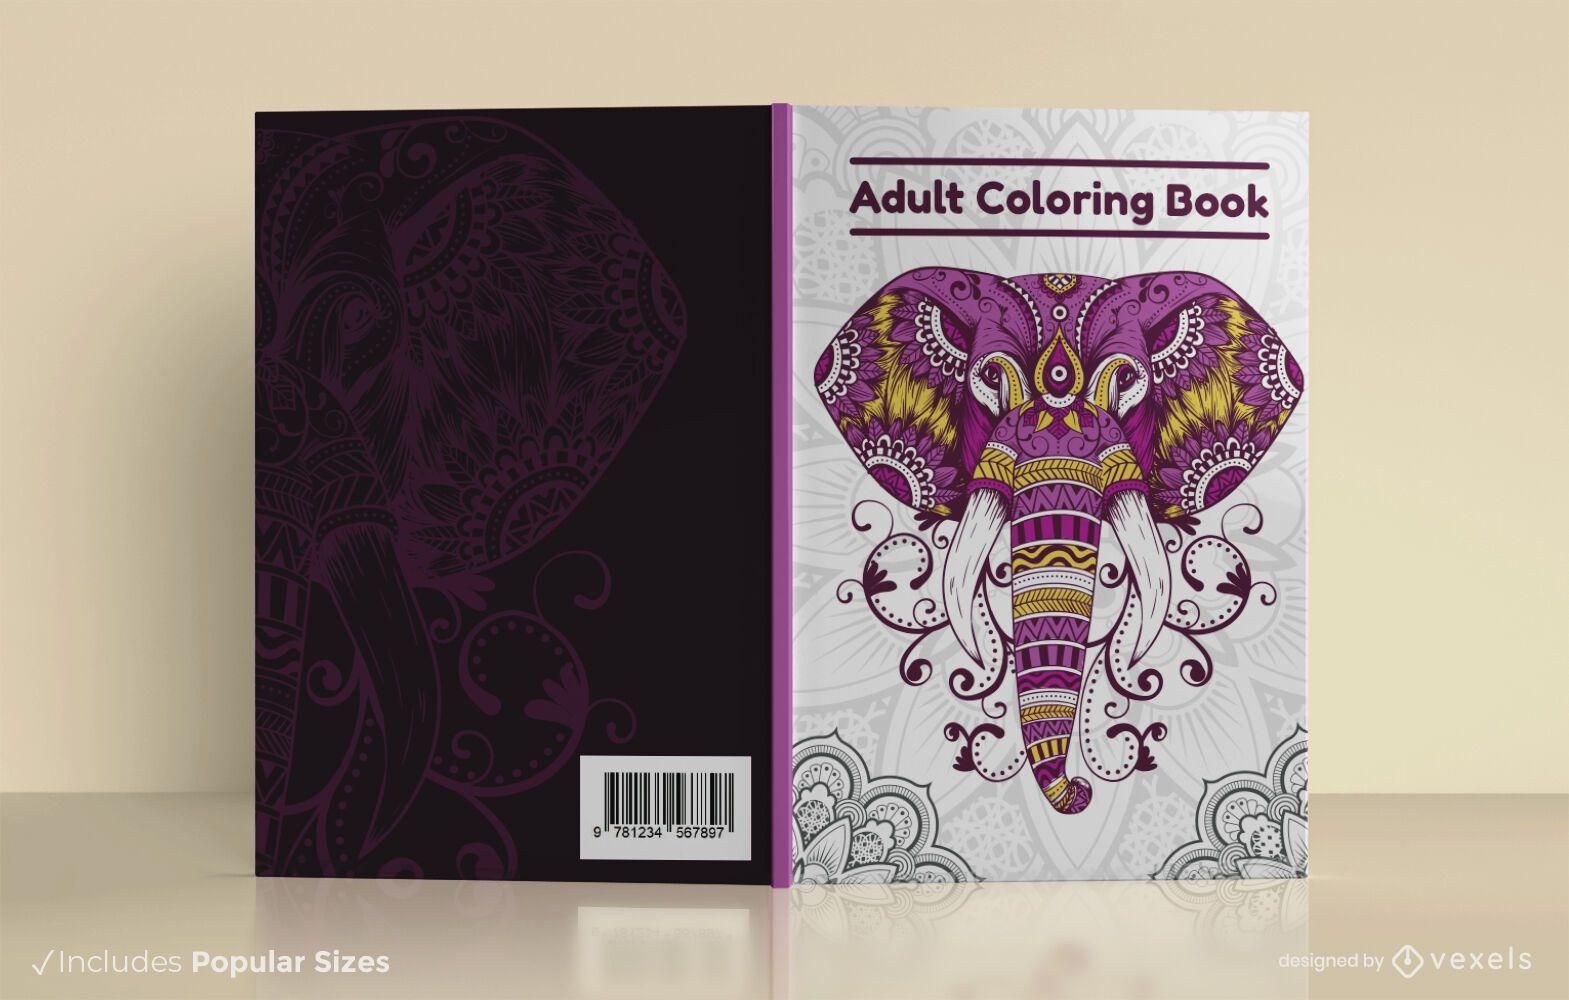 Diseño de portada de libro para colorear para adultos